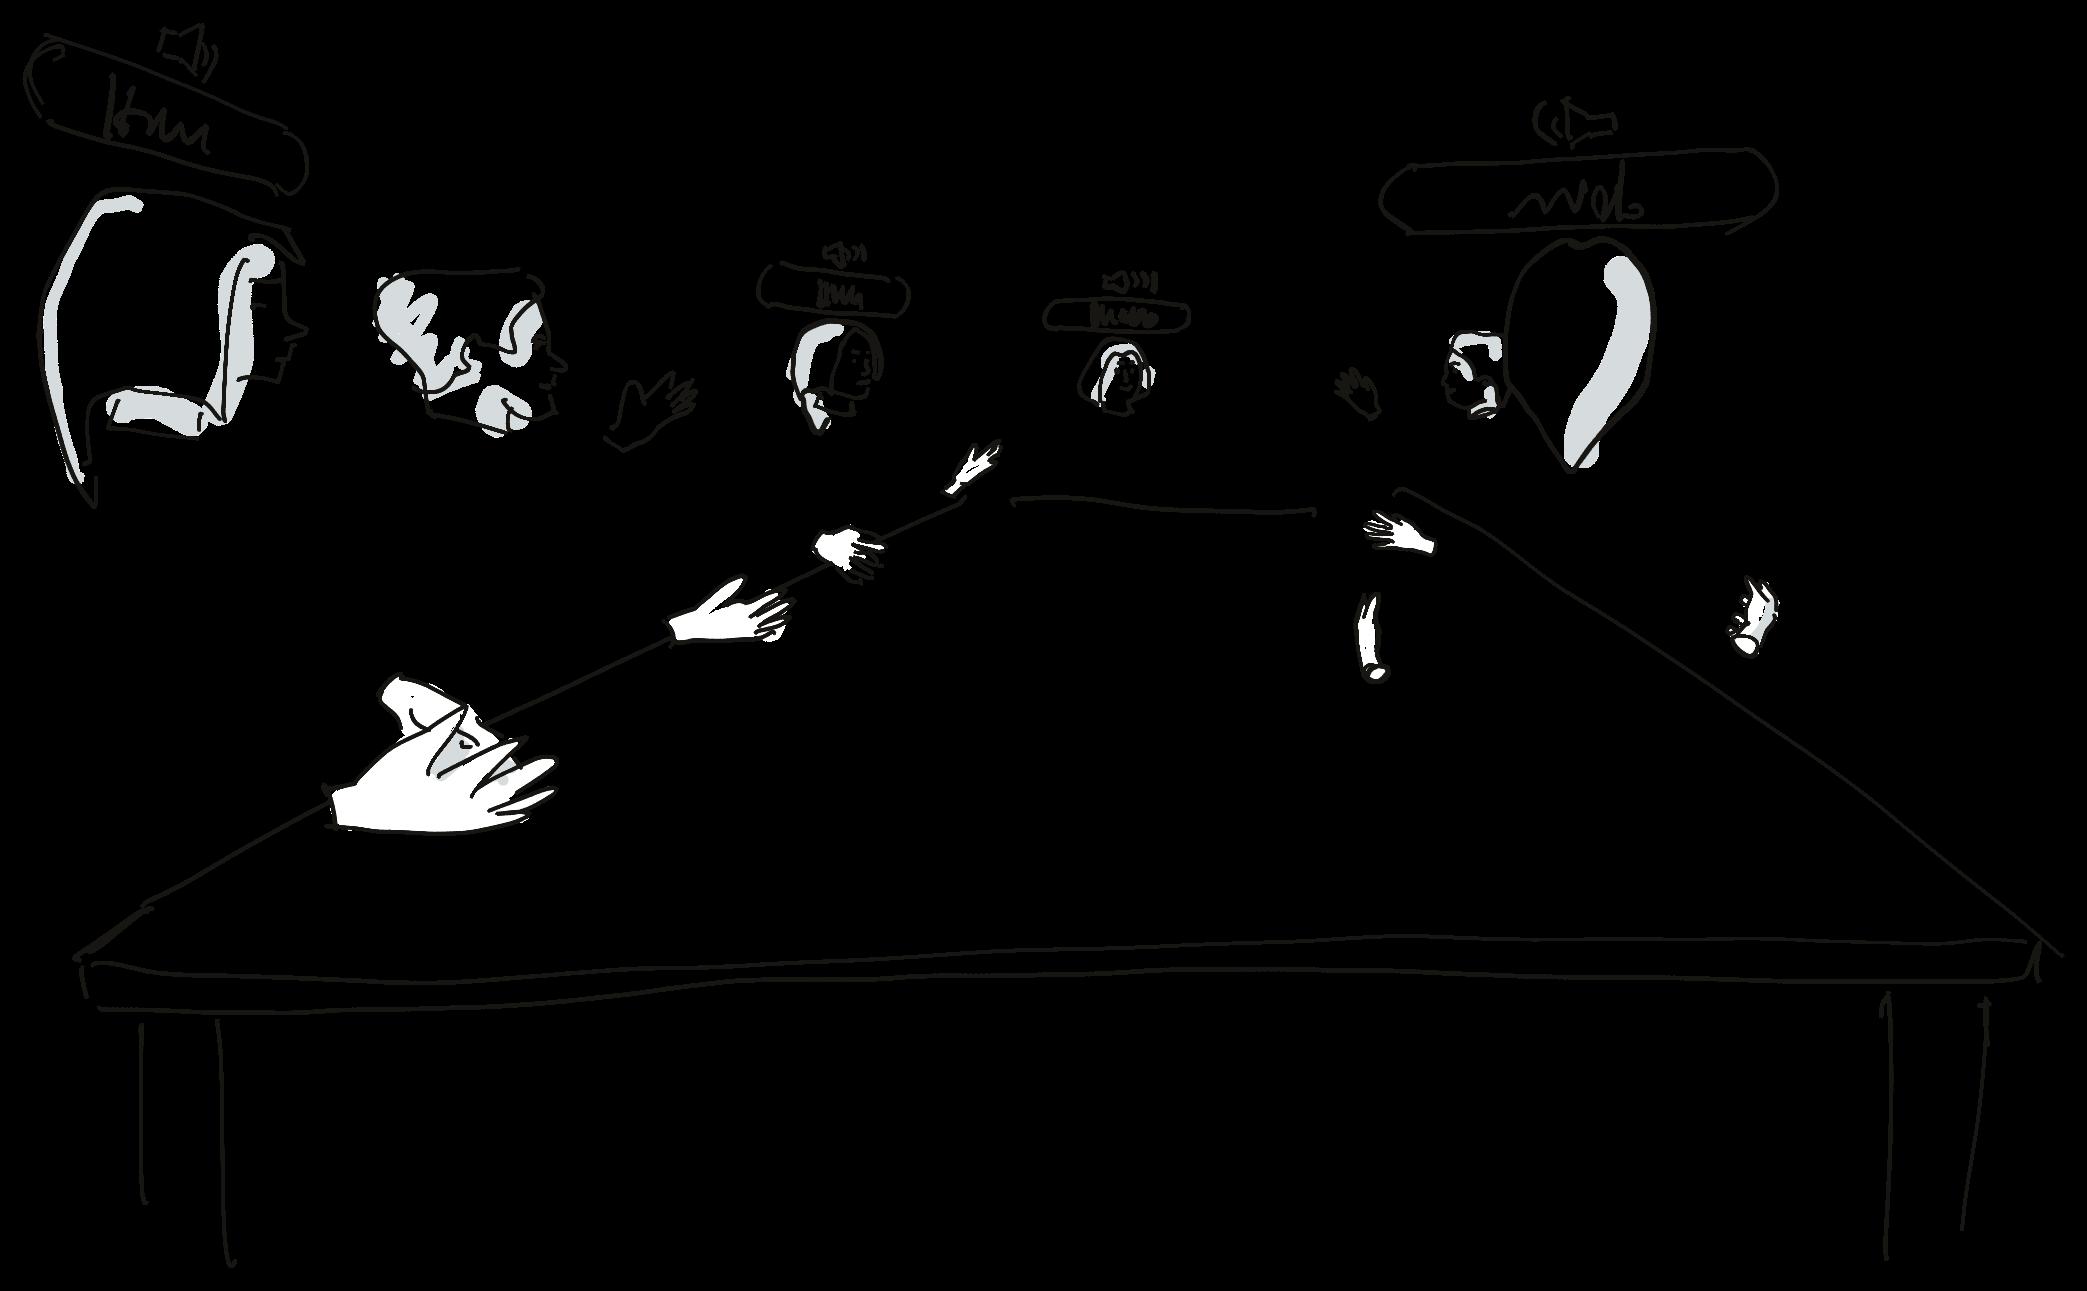 Avatare als Telepräsenzen im virtuellen Raum. Hier: Beispiel der meetingROOM-Lösung.